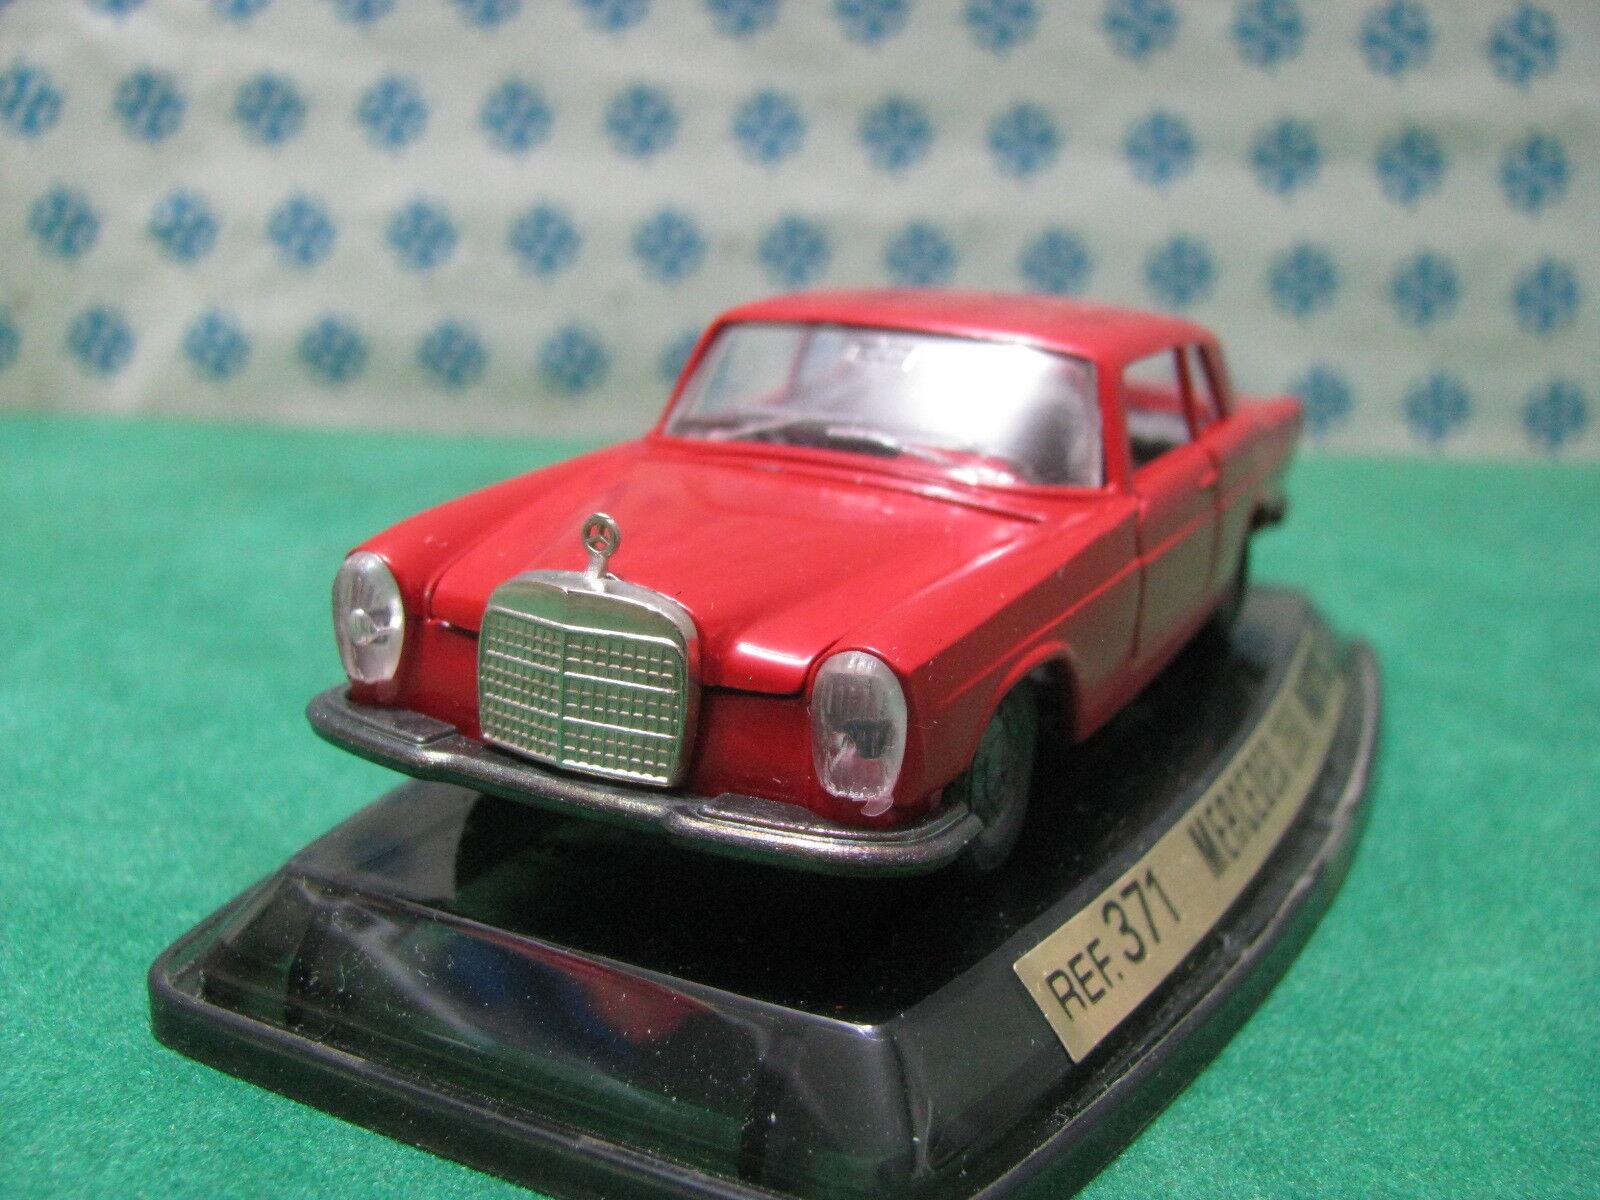 Vintage - MERCEDES-BENZ 250 Coupé - 1 43 Auto-Pilen Ref.371 Mint en boîte